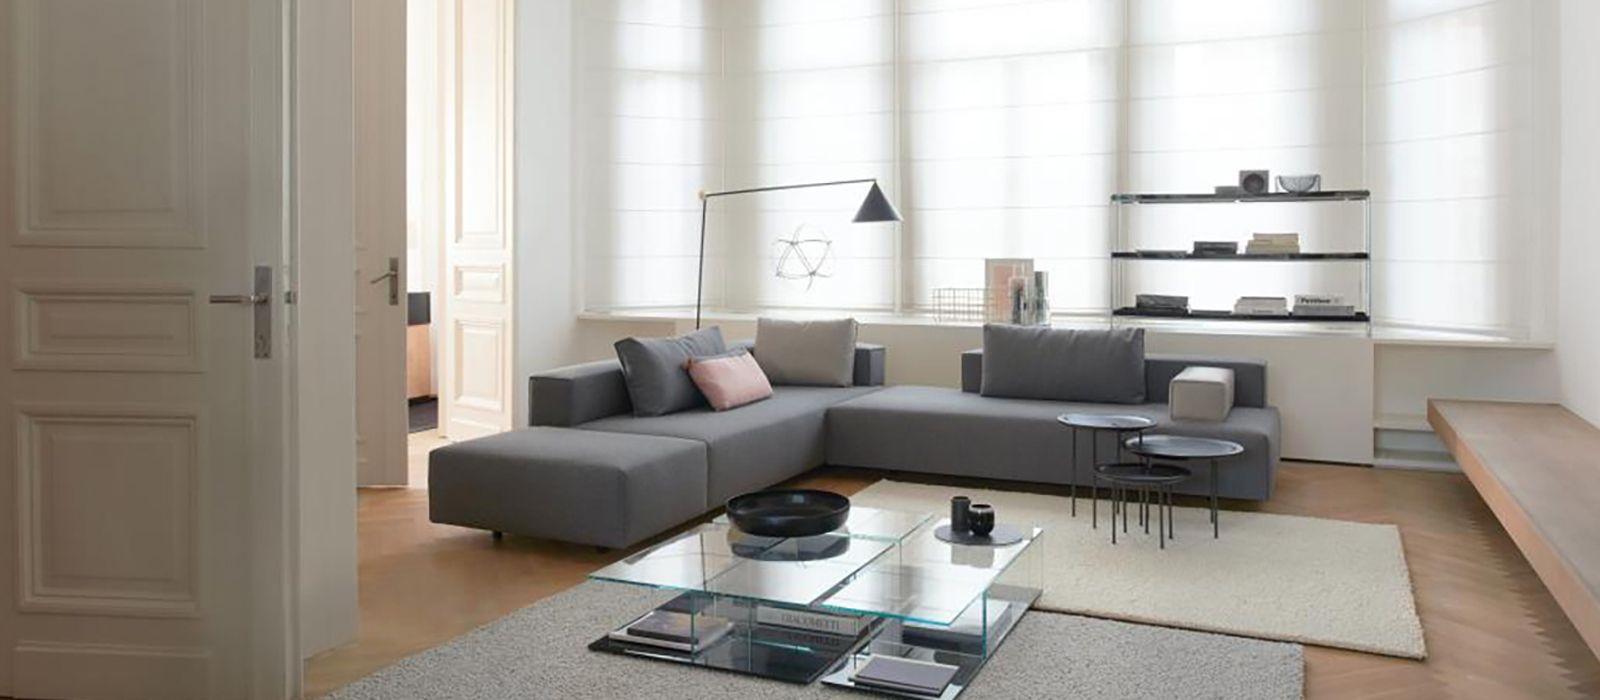 New In Store Eyye Comfortzone Hoekbank Meubel Ideeen Zithoek